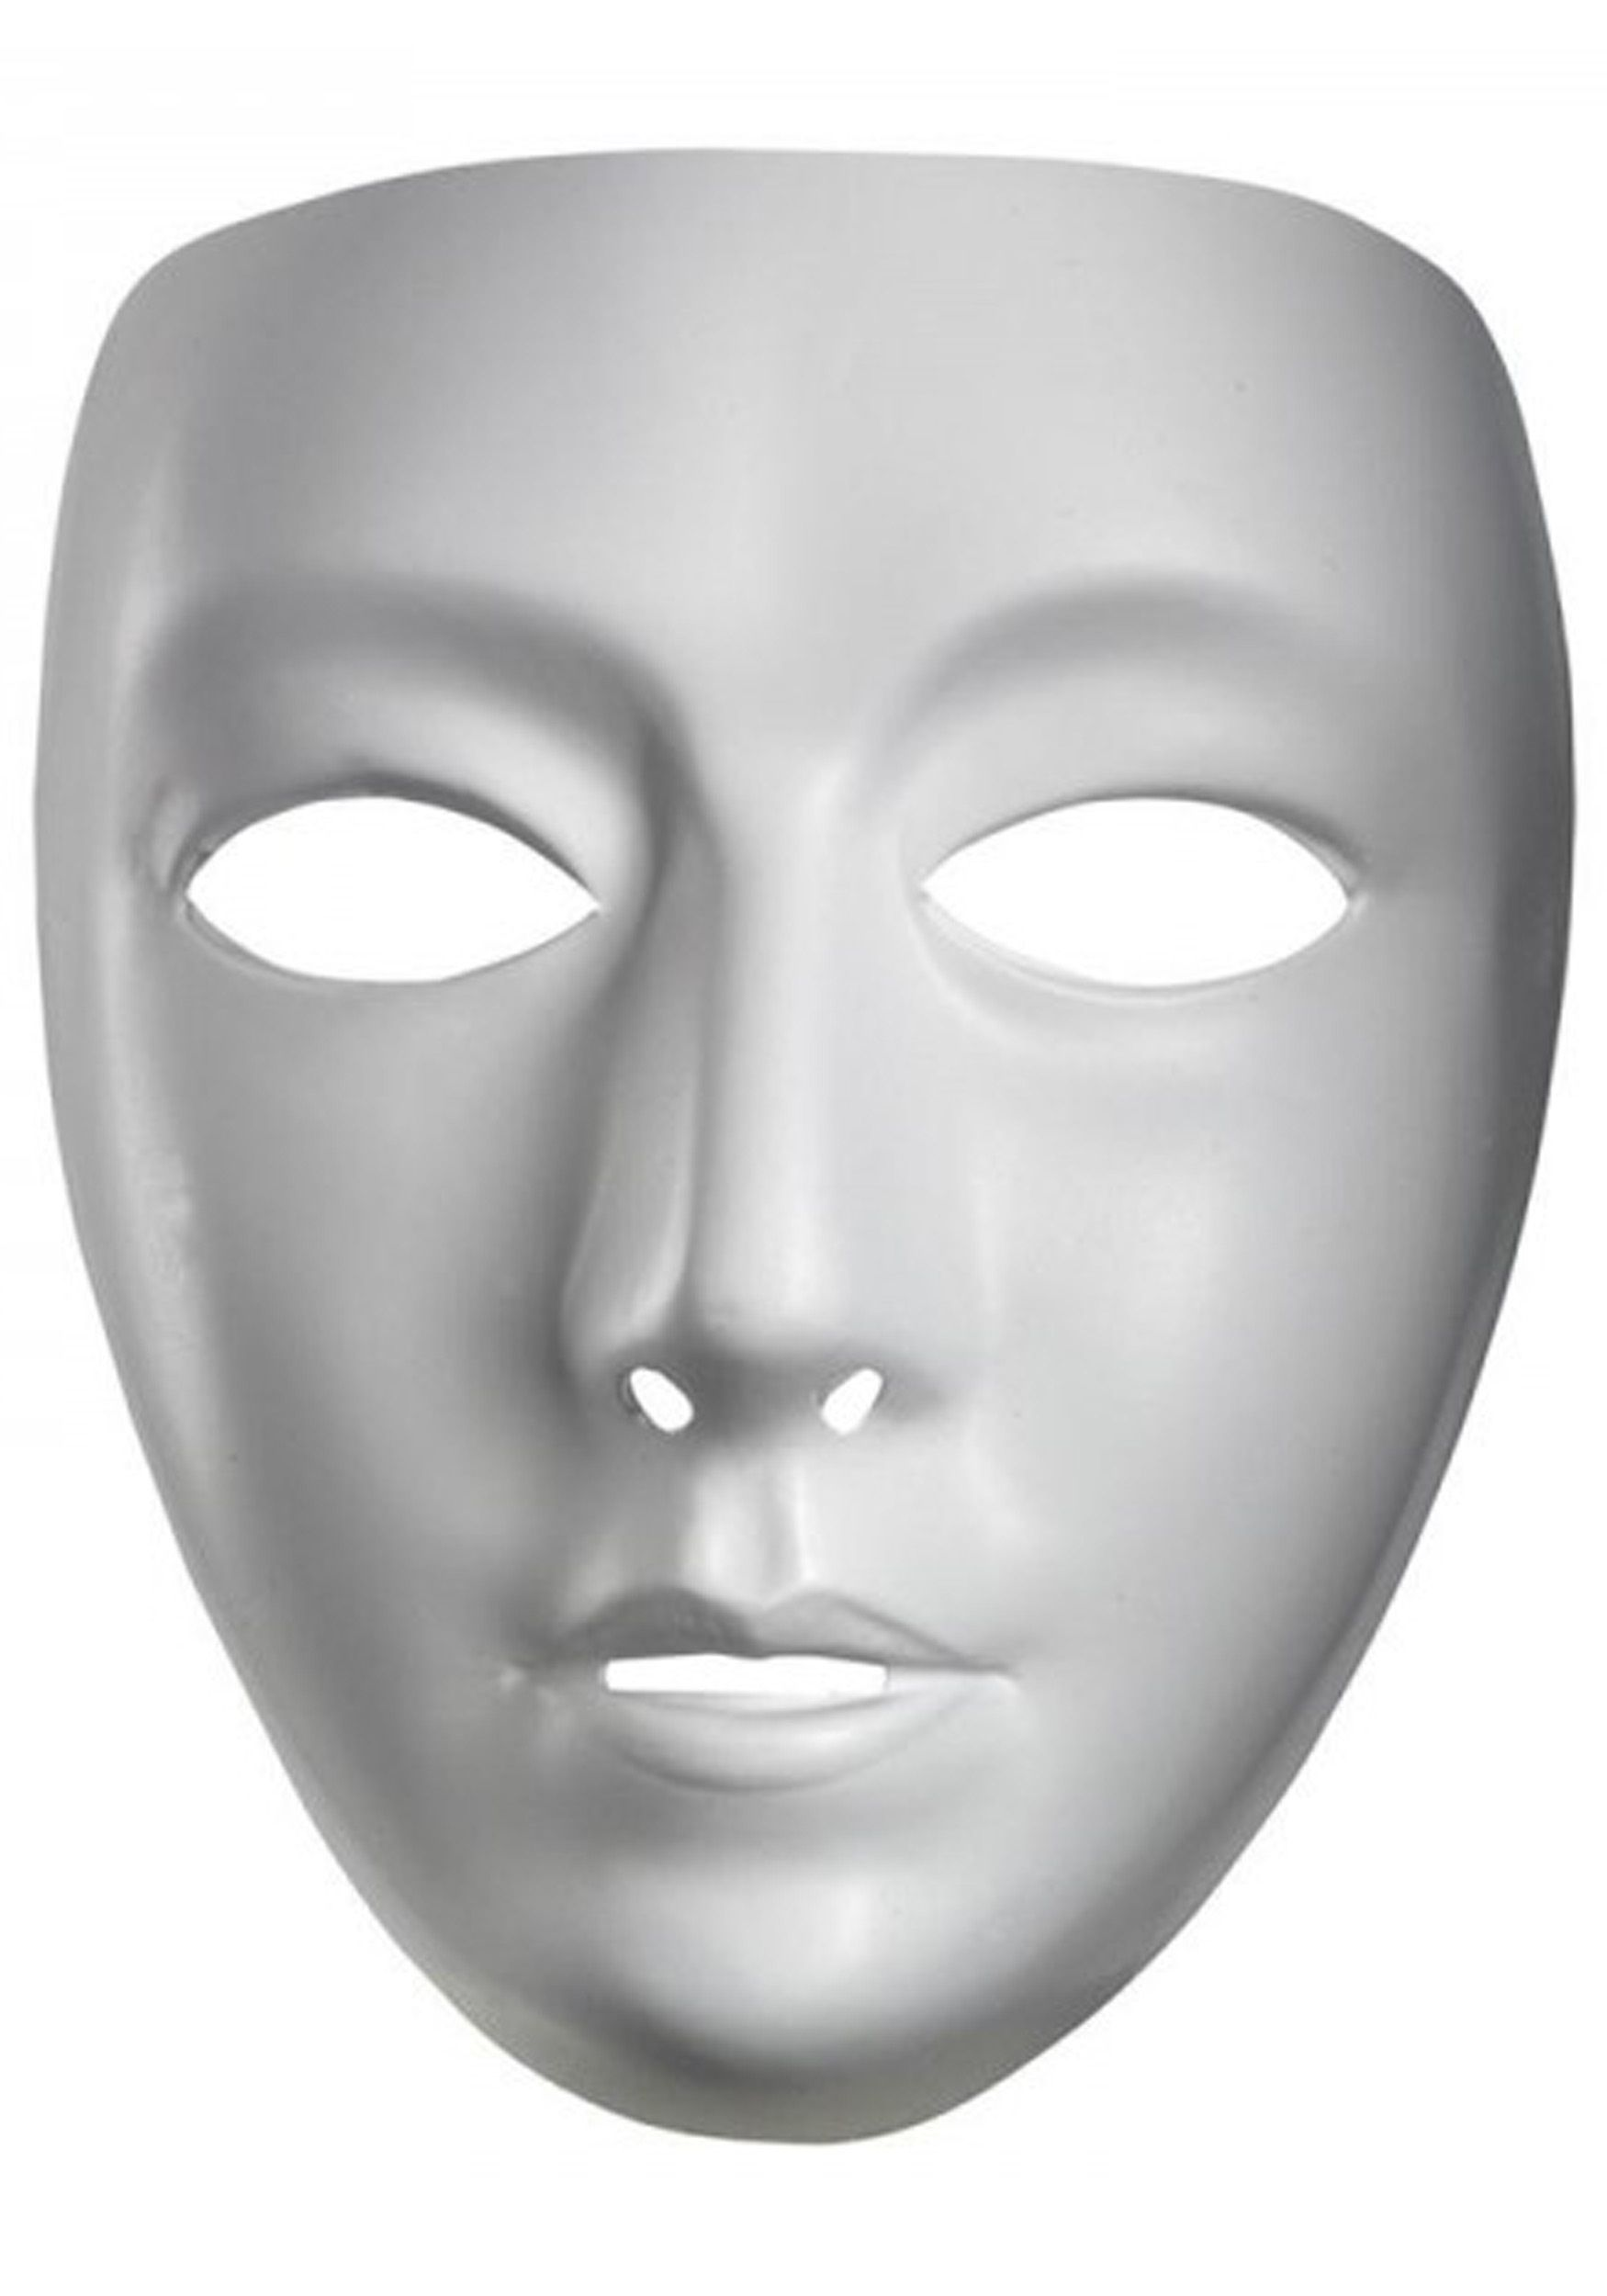 Sebesség társkereső nova maska